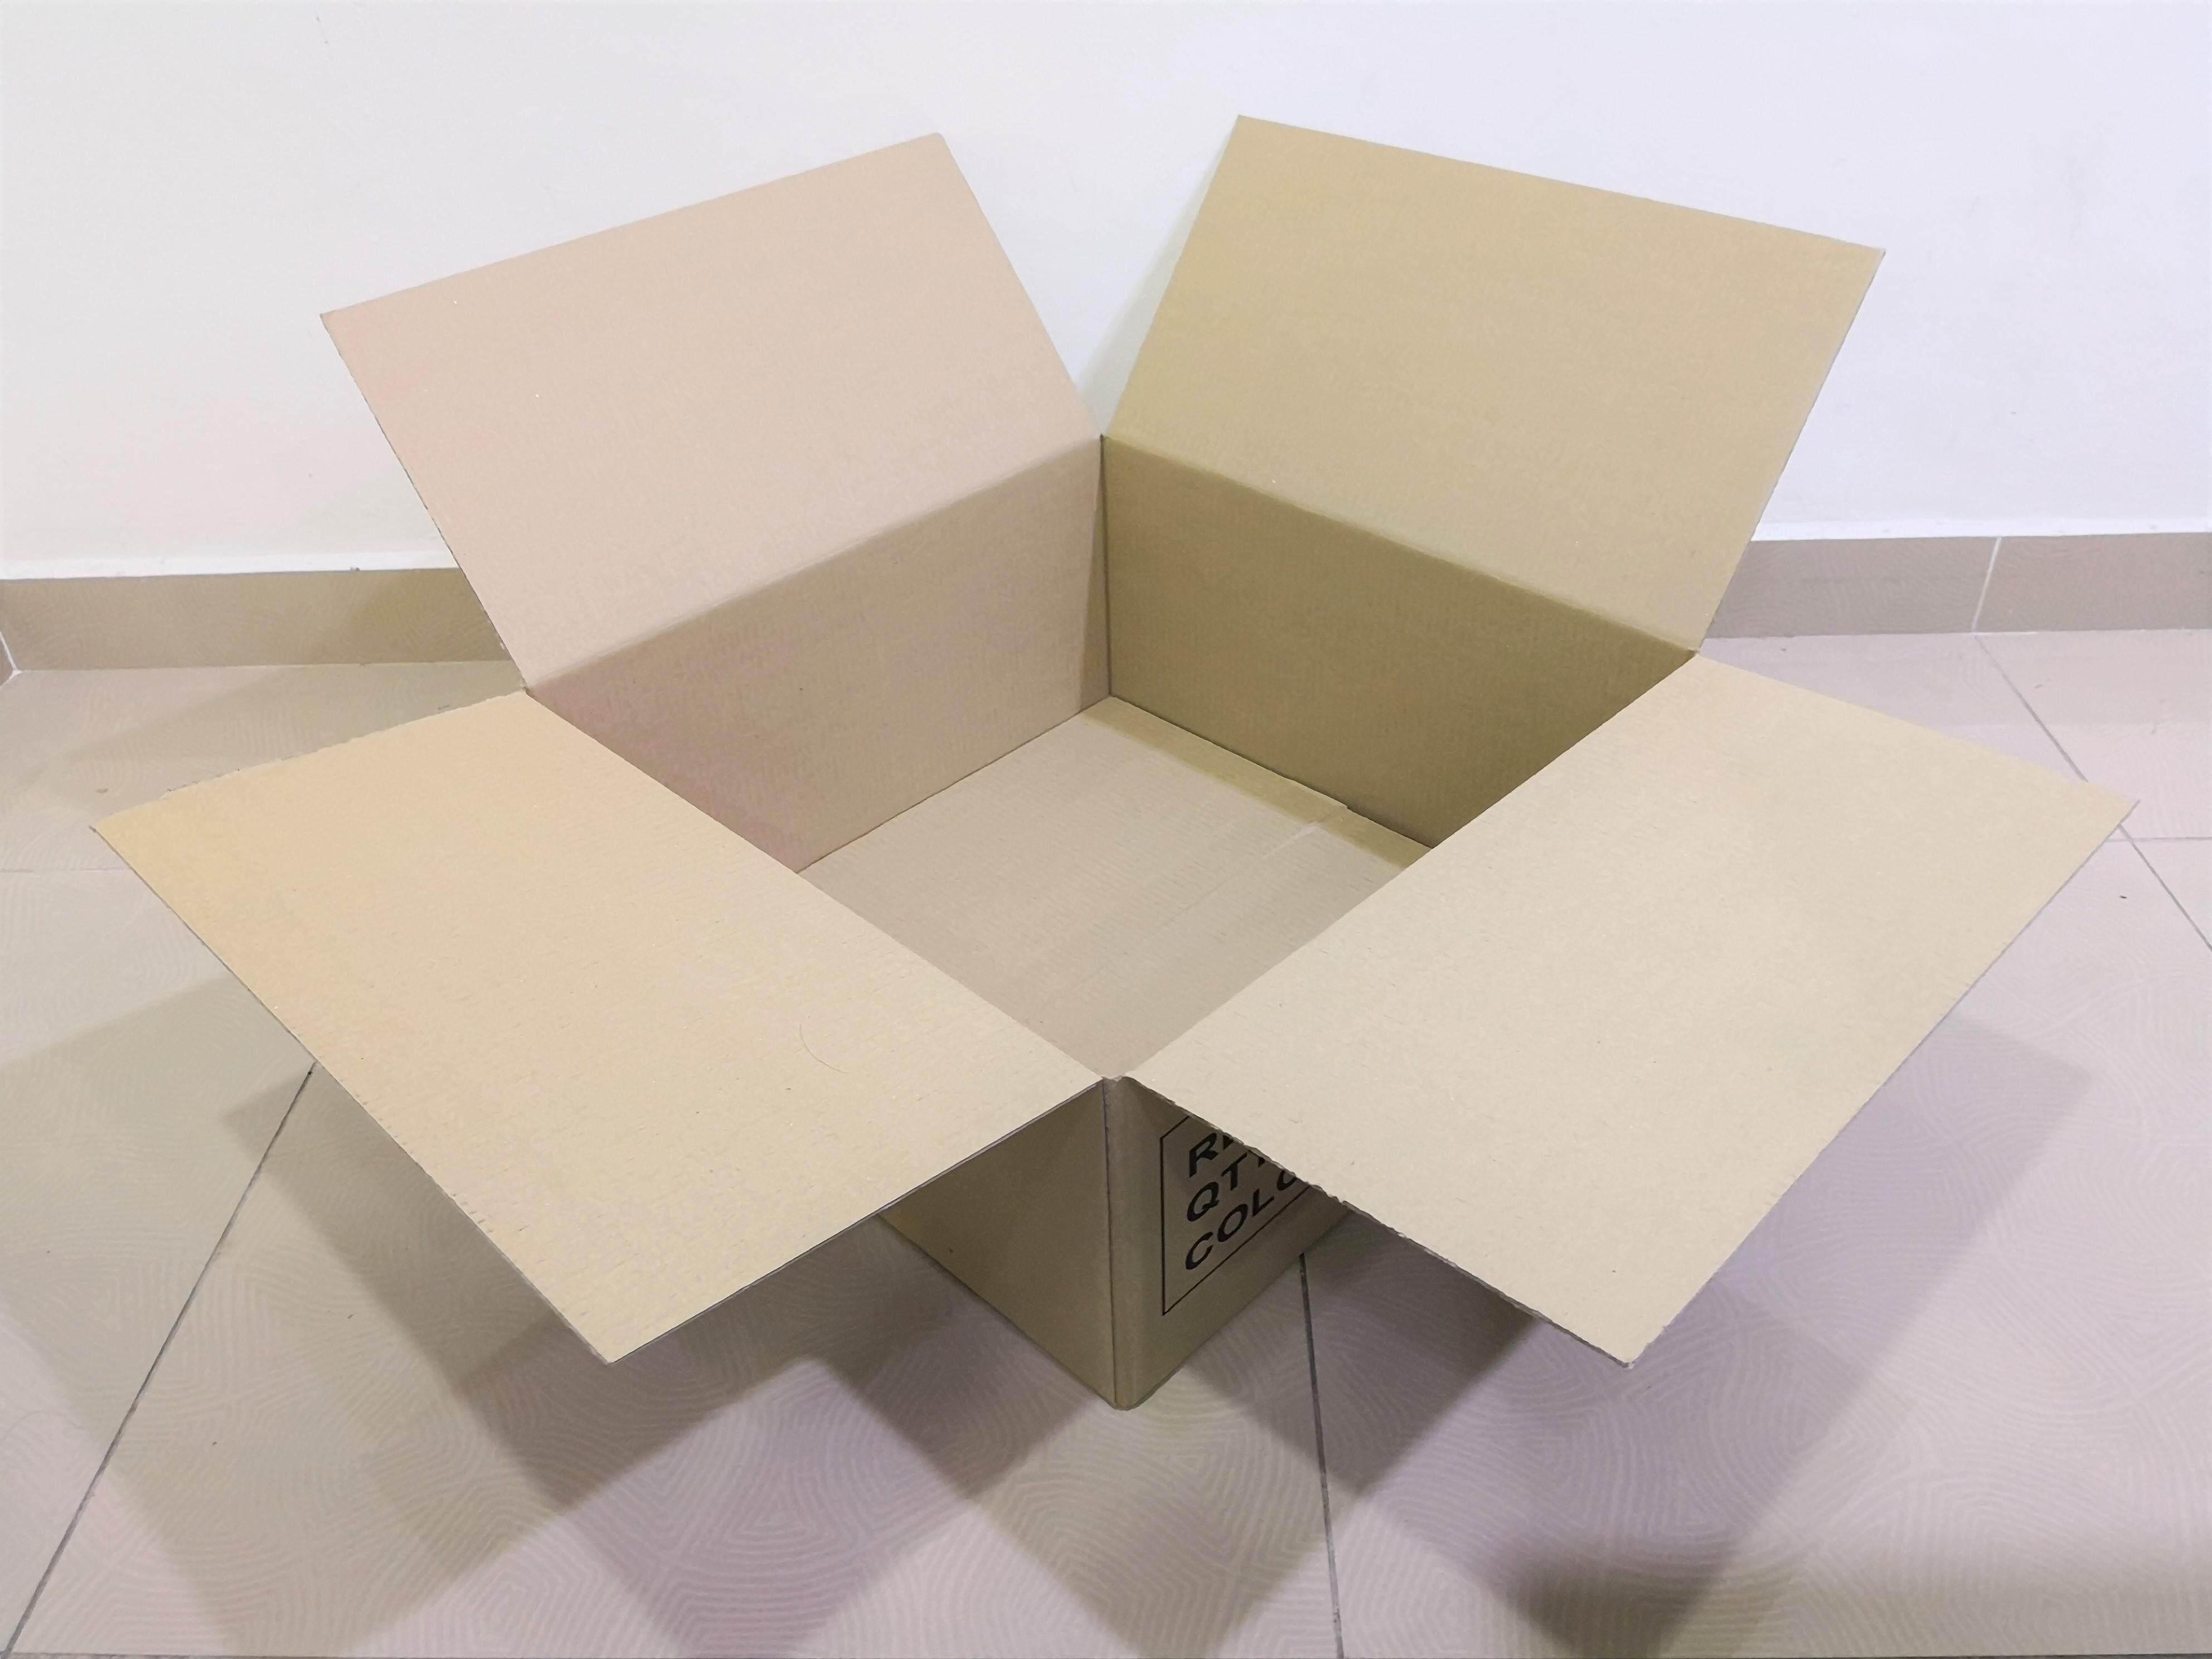 15pcs Printed Carton Boxes (L378 x W378 x H260mm)